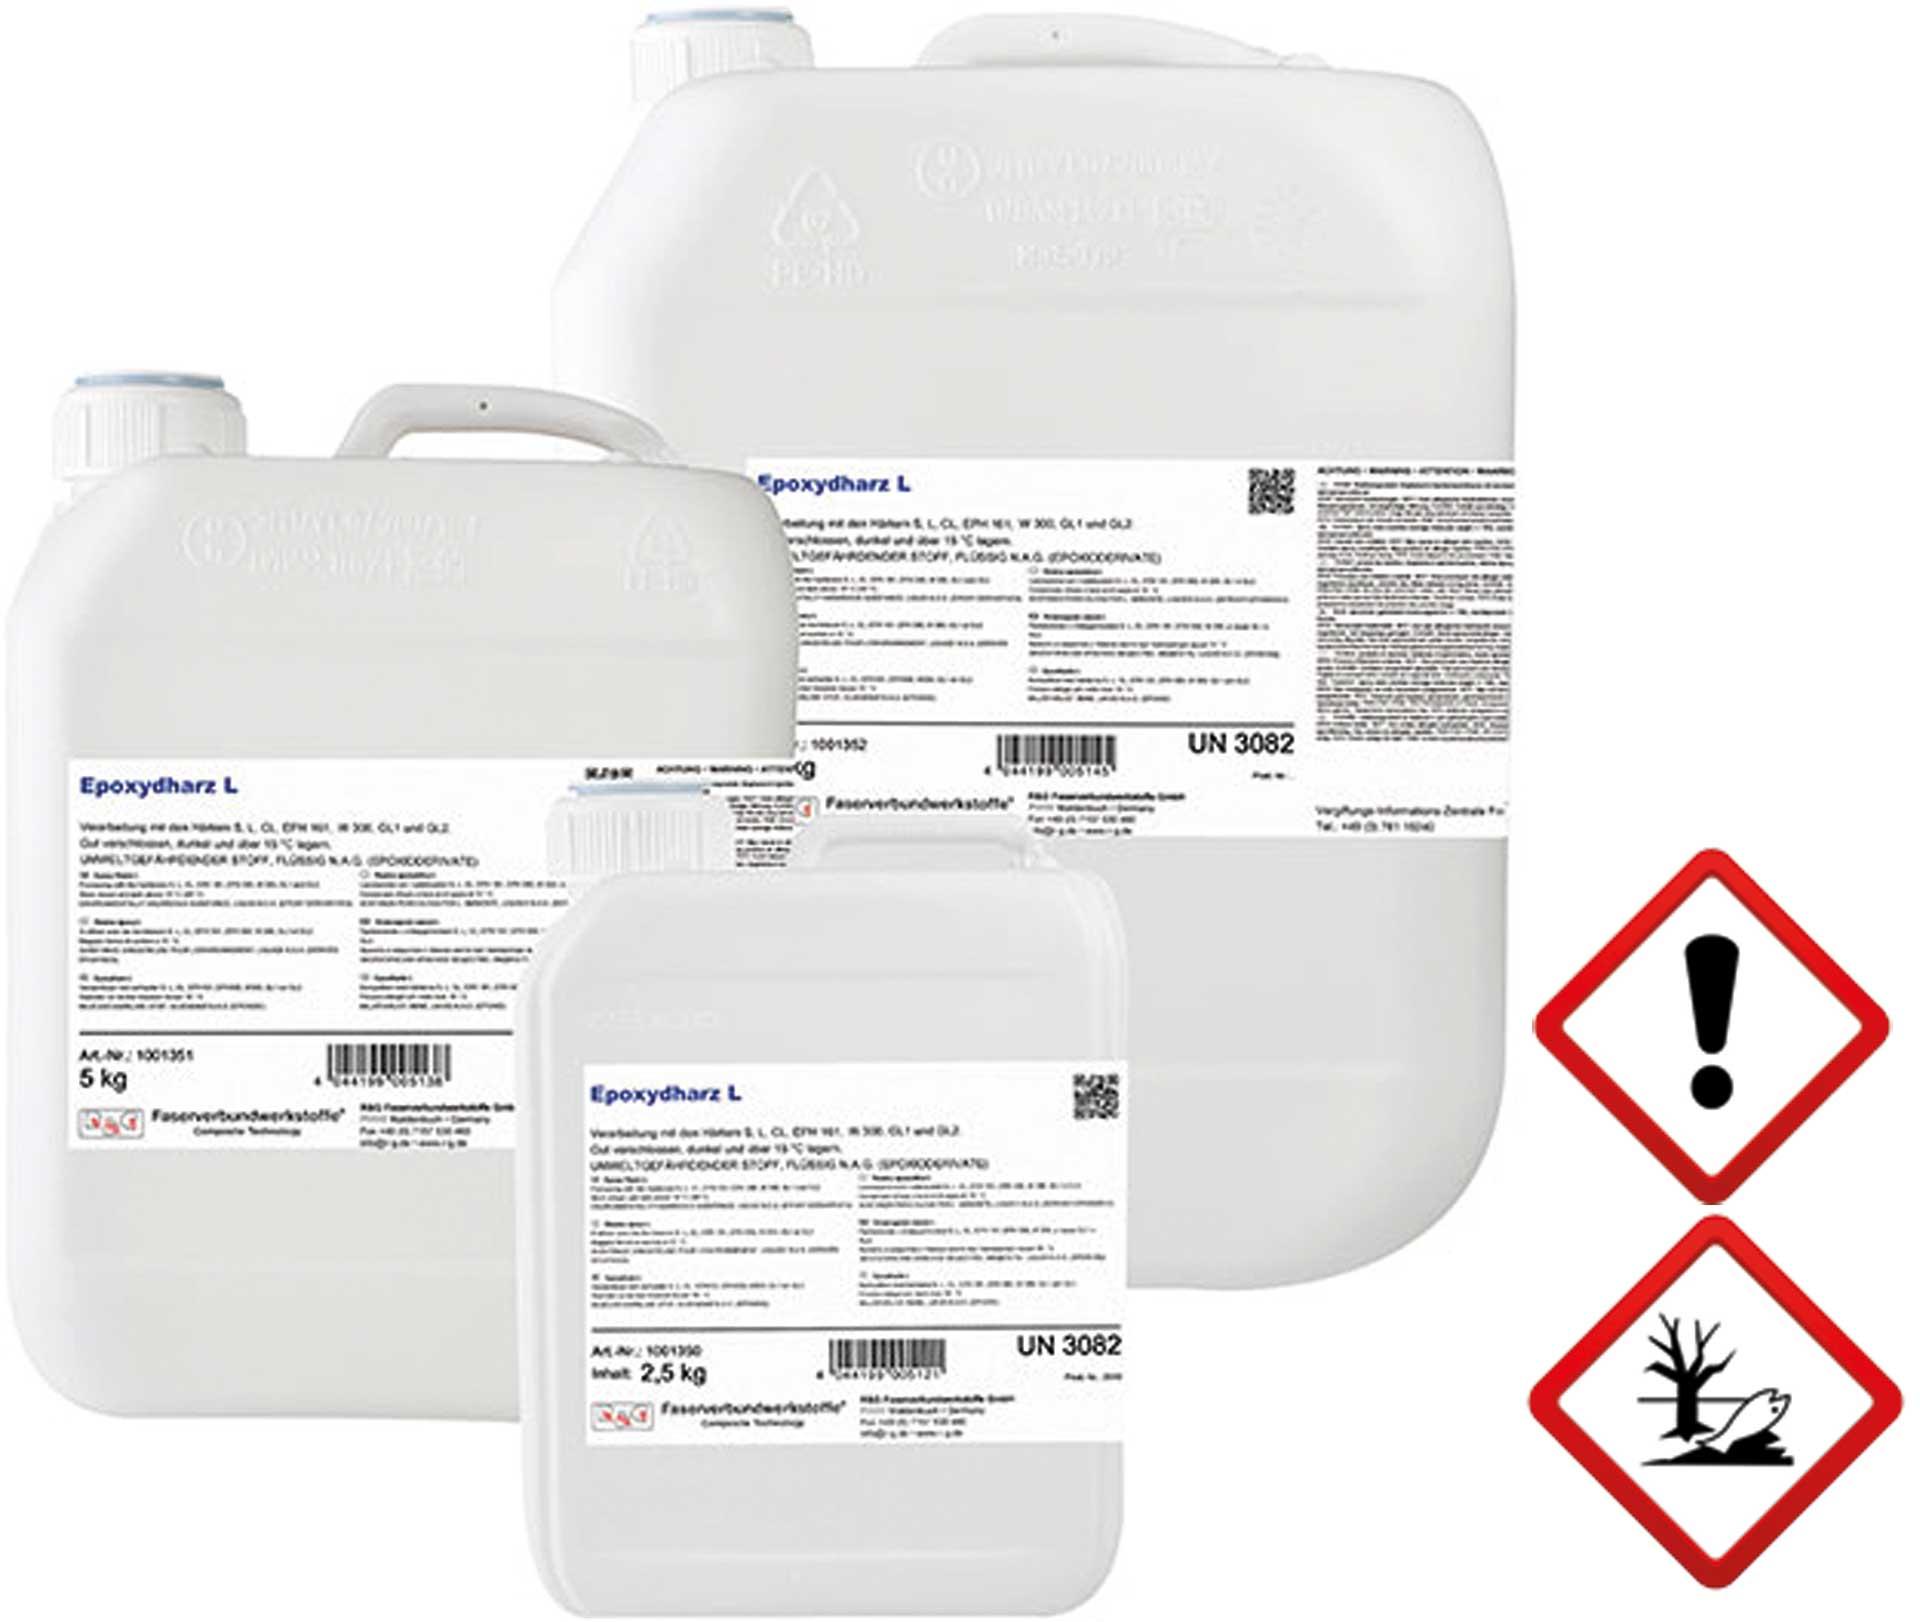 R&G Epoxidharz L, Kanister/ 2,5 kg